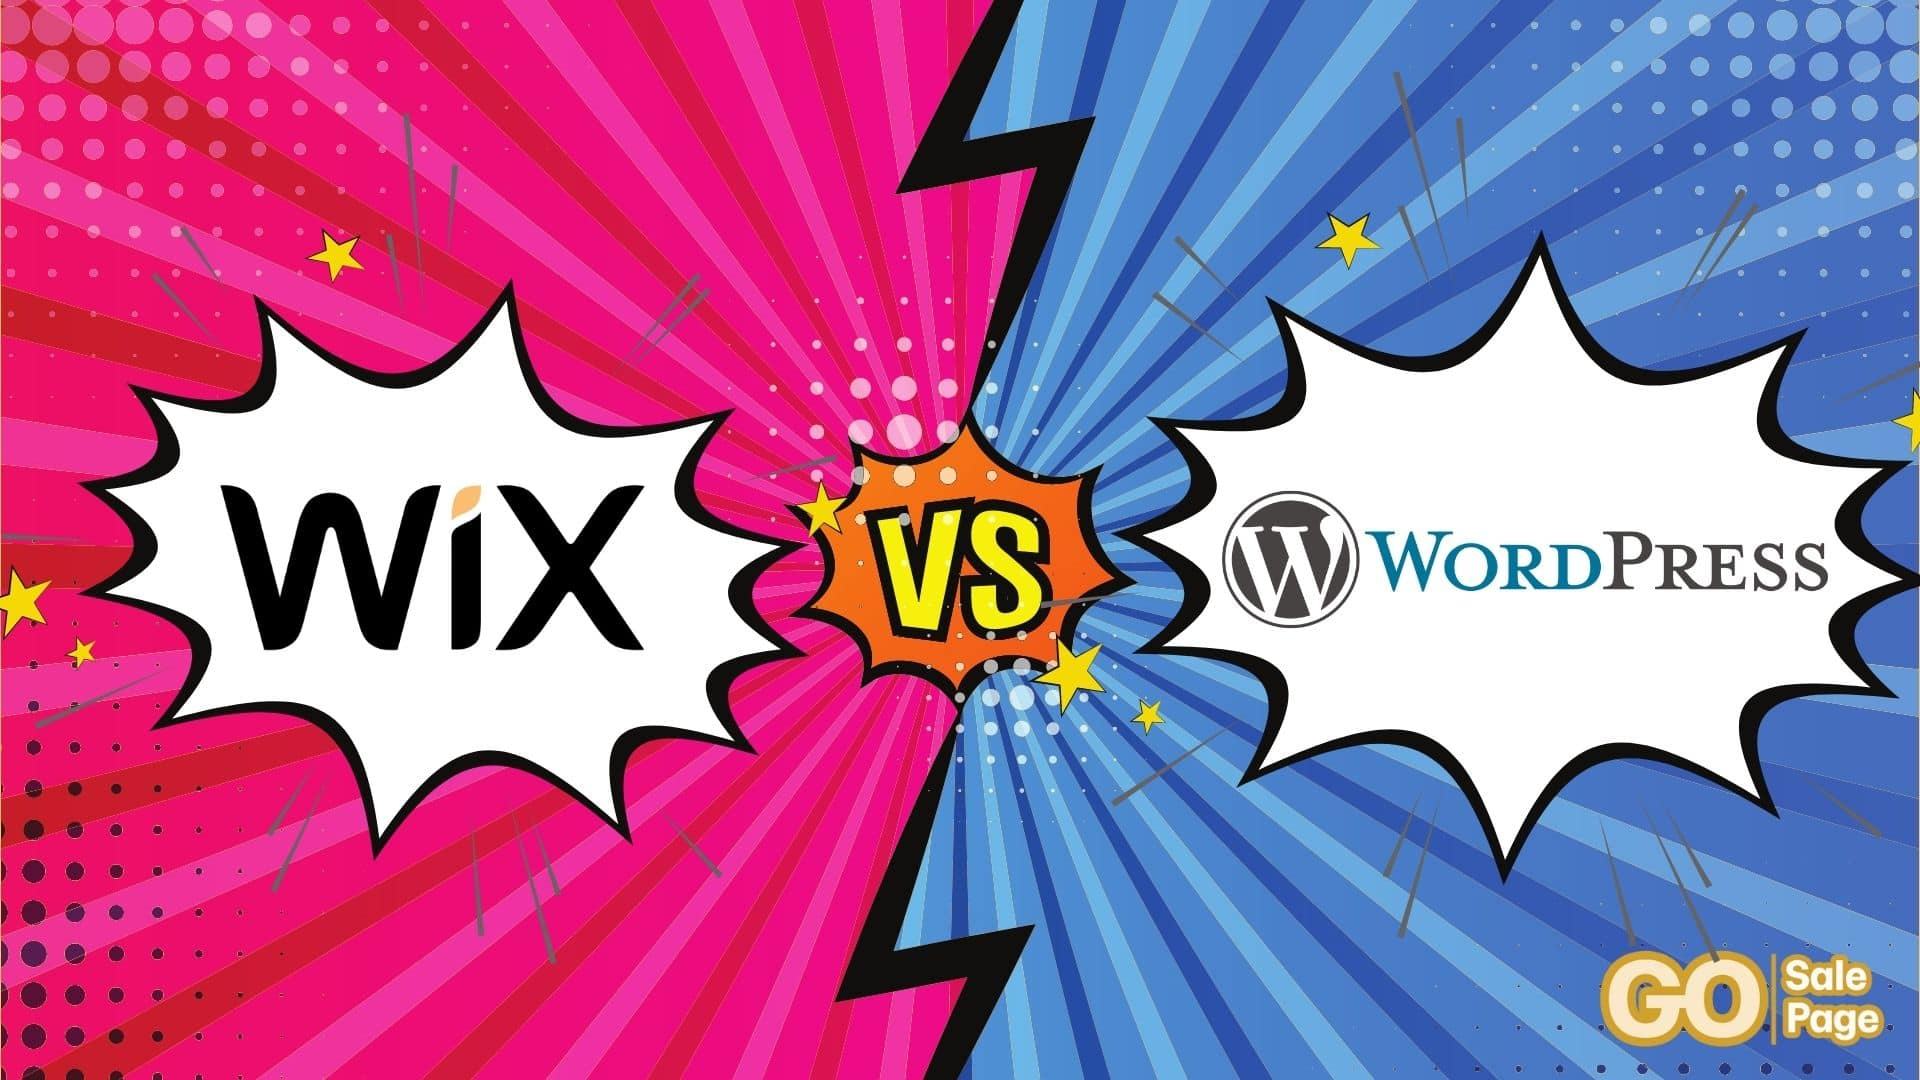 Wix vs WordPress : ถ้าอยากมีเว็บไซต์ของตัวเองใช้ตัวไหนดี